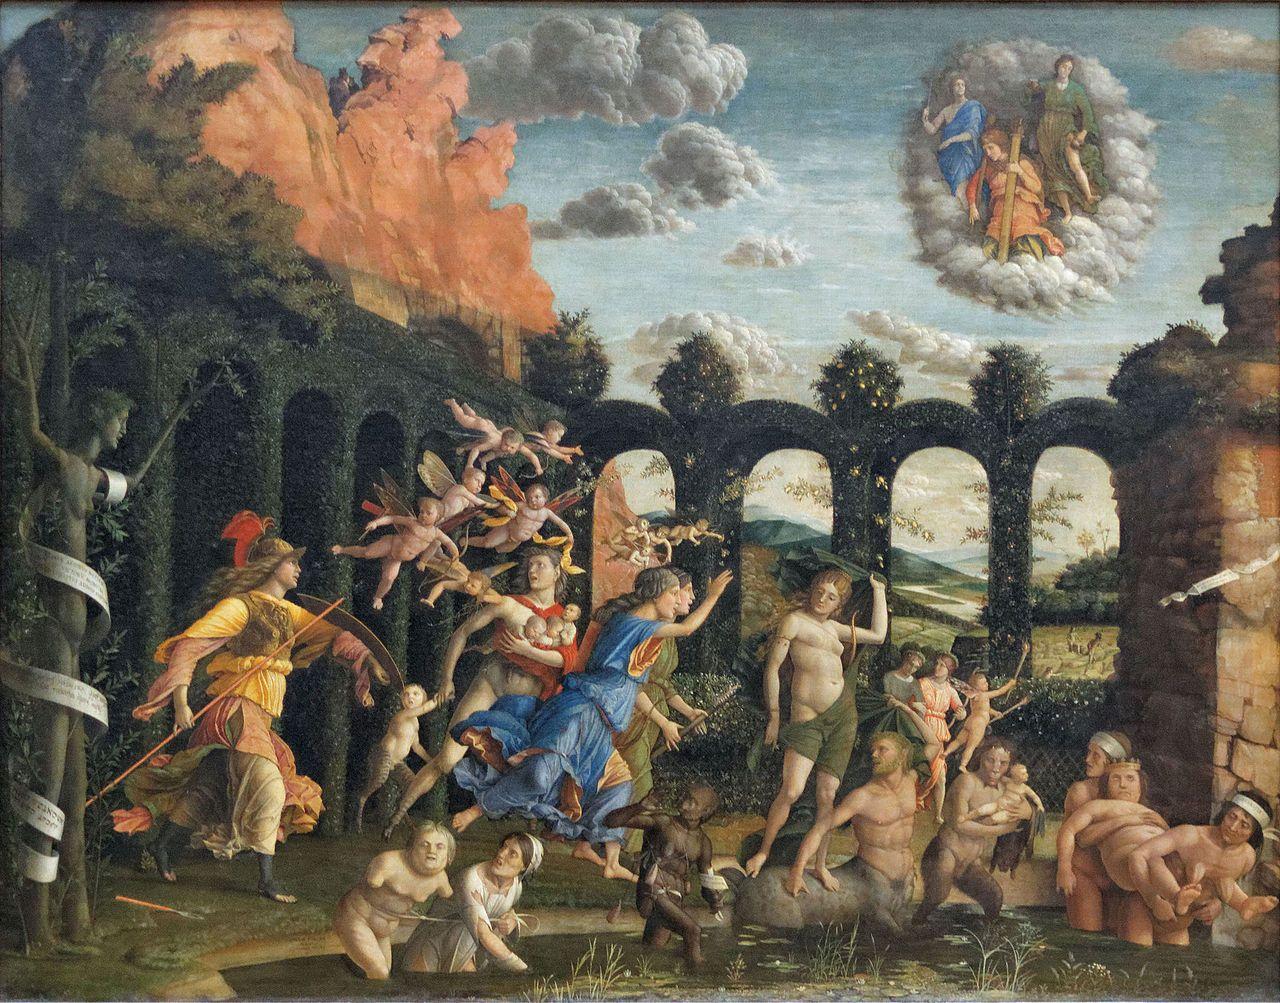 El triunfo de la virtud. Pintura de Andrea Mantegna, en la que se retrata a Atenea hachando fuera del jardín de la mente a los vicios, en la parte superior observan la Justicia, la Fortaleza y la Templanza, y junto a la diosa se puede ver a Dafne convertida en Laurel, ambas representación de la castidad y la pureza.